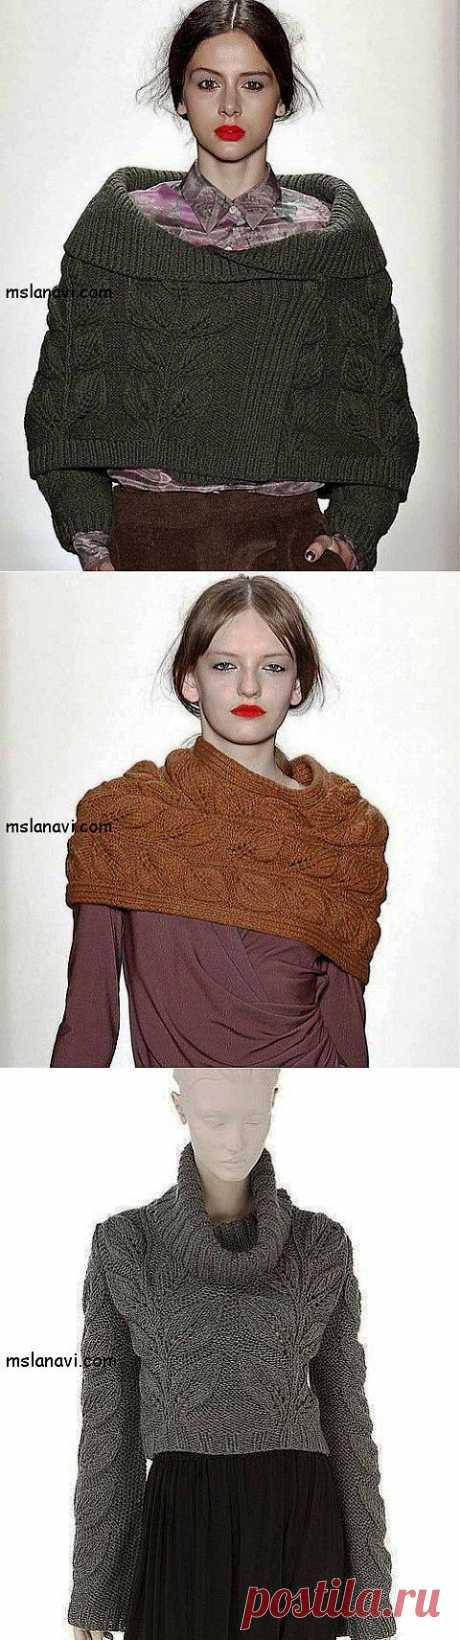 Женские модели с листьями от Costello Tagliapietra и не только.